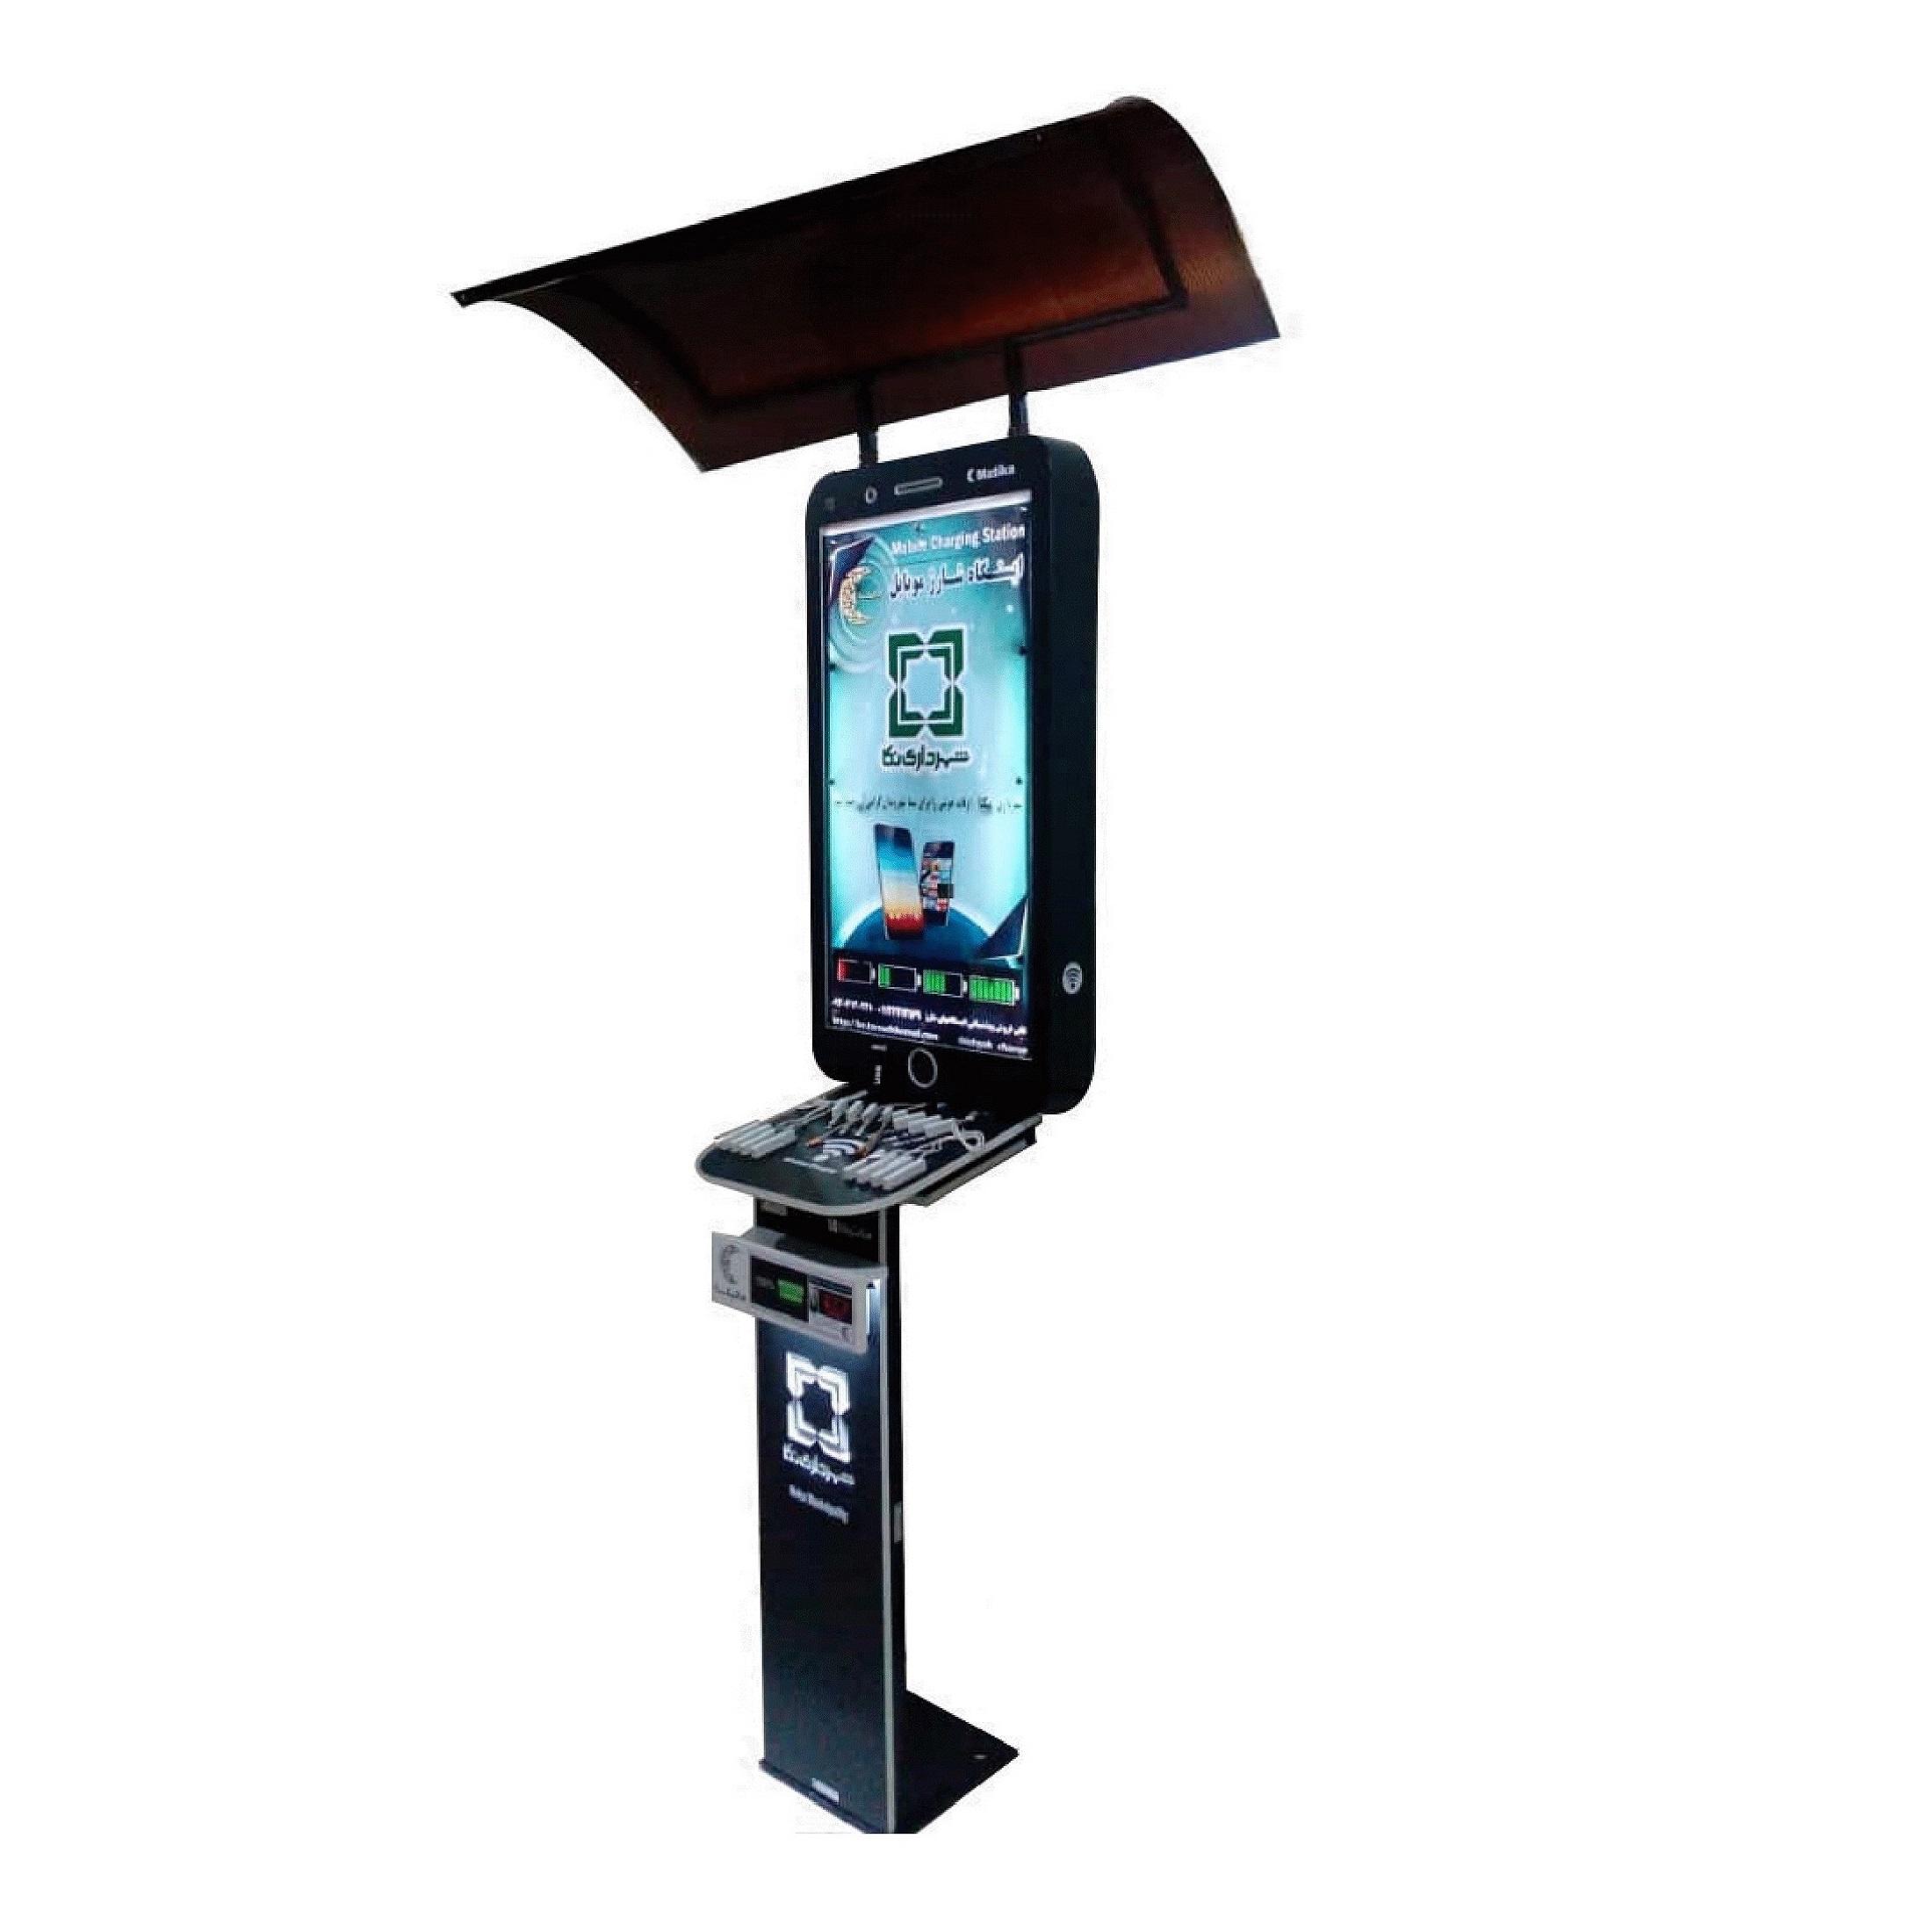 ایستگاه شارژ موبایل - شارژر موبایل - شارژر اماکن عمومی - شارژرهای عمومی - شارژر موبایل اماکن عمومی -  شارژر وایرلس - شارژر بی سیم - شارژرهای قفل دار - شارژرهای فست - دستگاه تبلیغاتی - شارژر رومیزی - ش